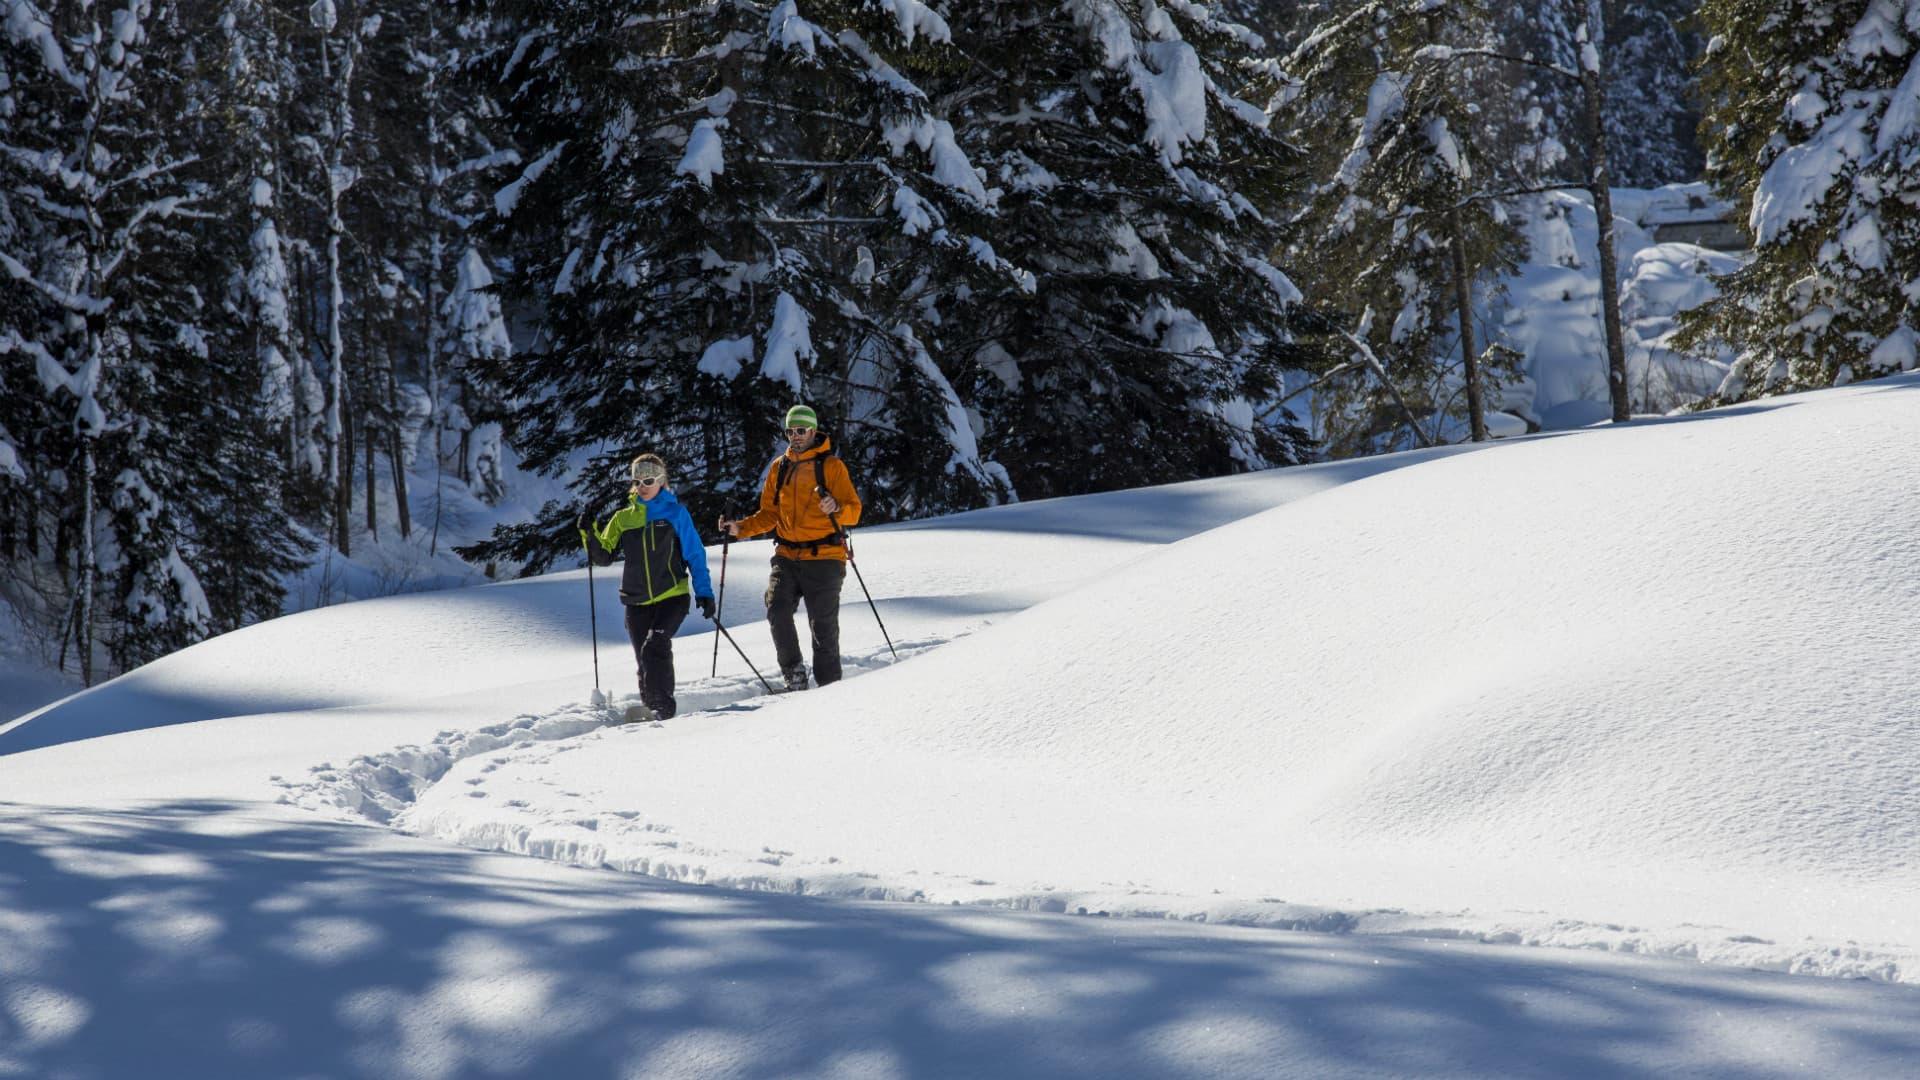 Raus in die Natur: Schneeschuhlaufen in Gadmen